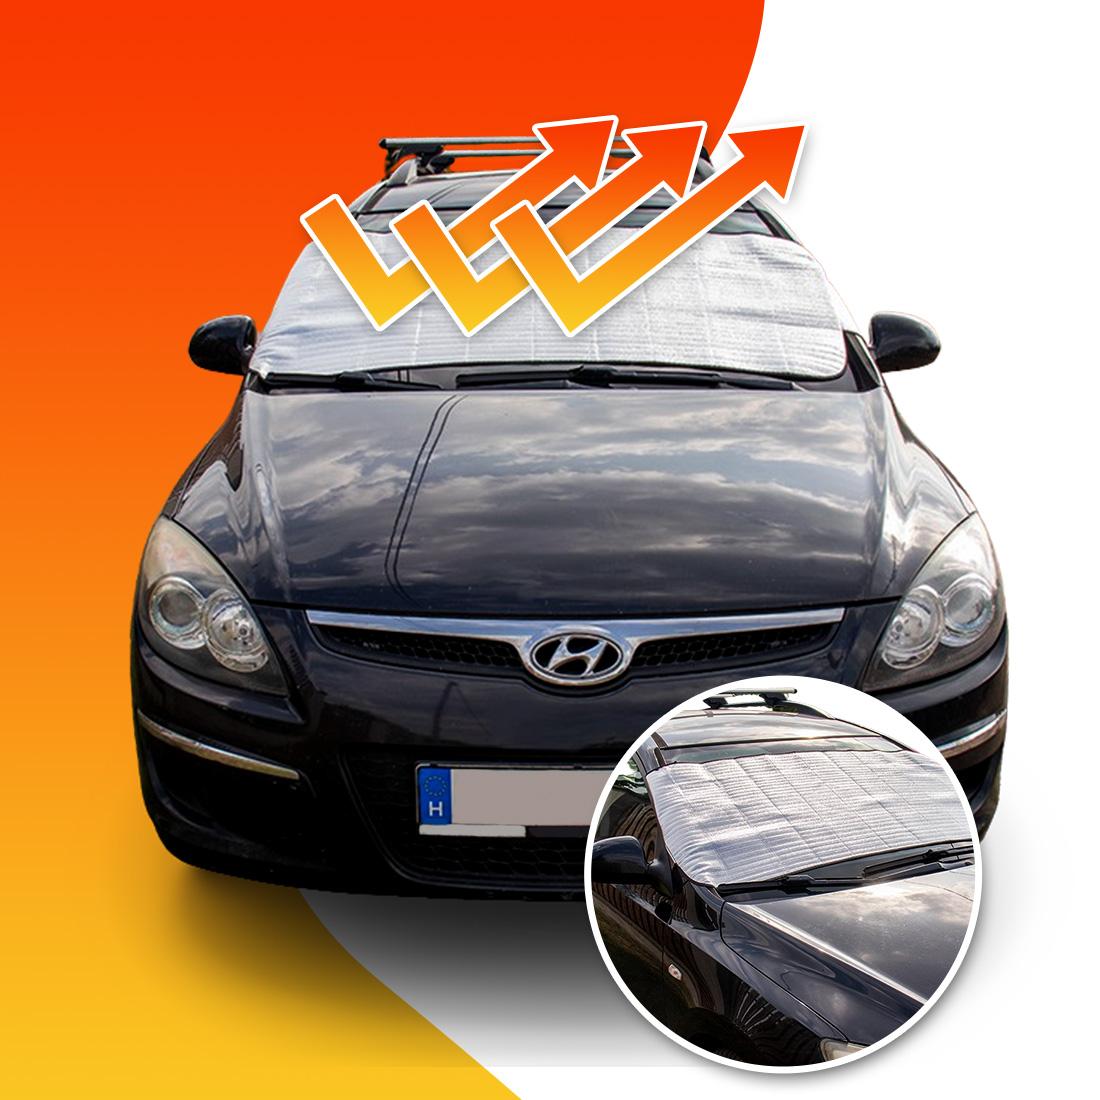 Hófólia/napfólia autó szélvédőre - nyáron a meleg ellen - télen a hó és a jég ellen